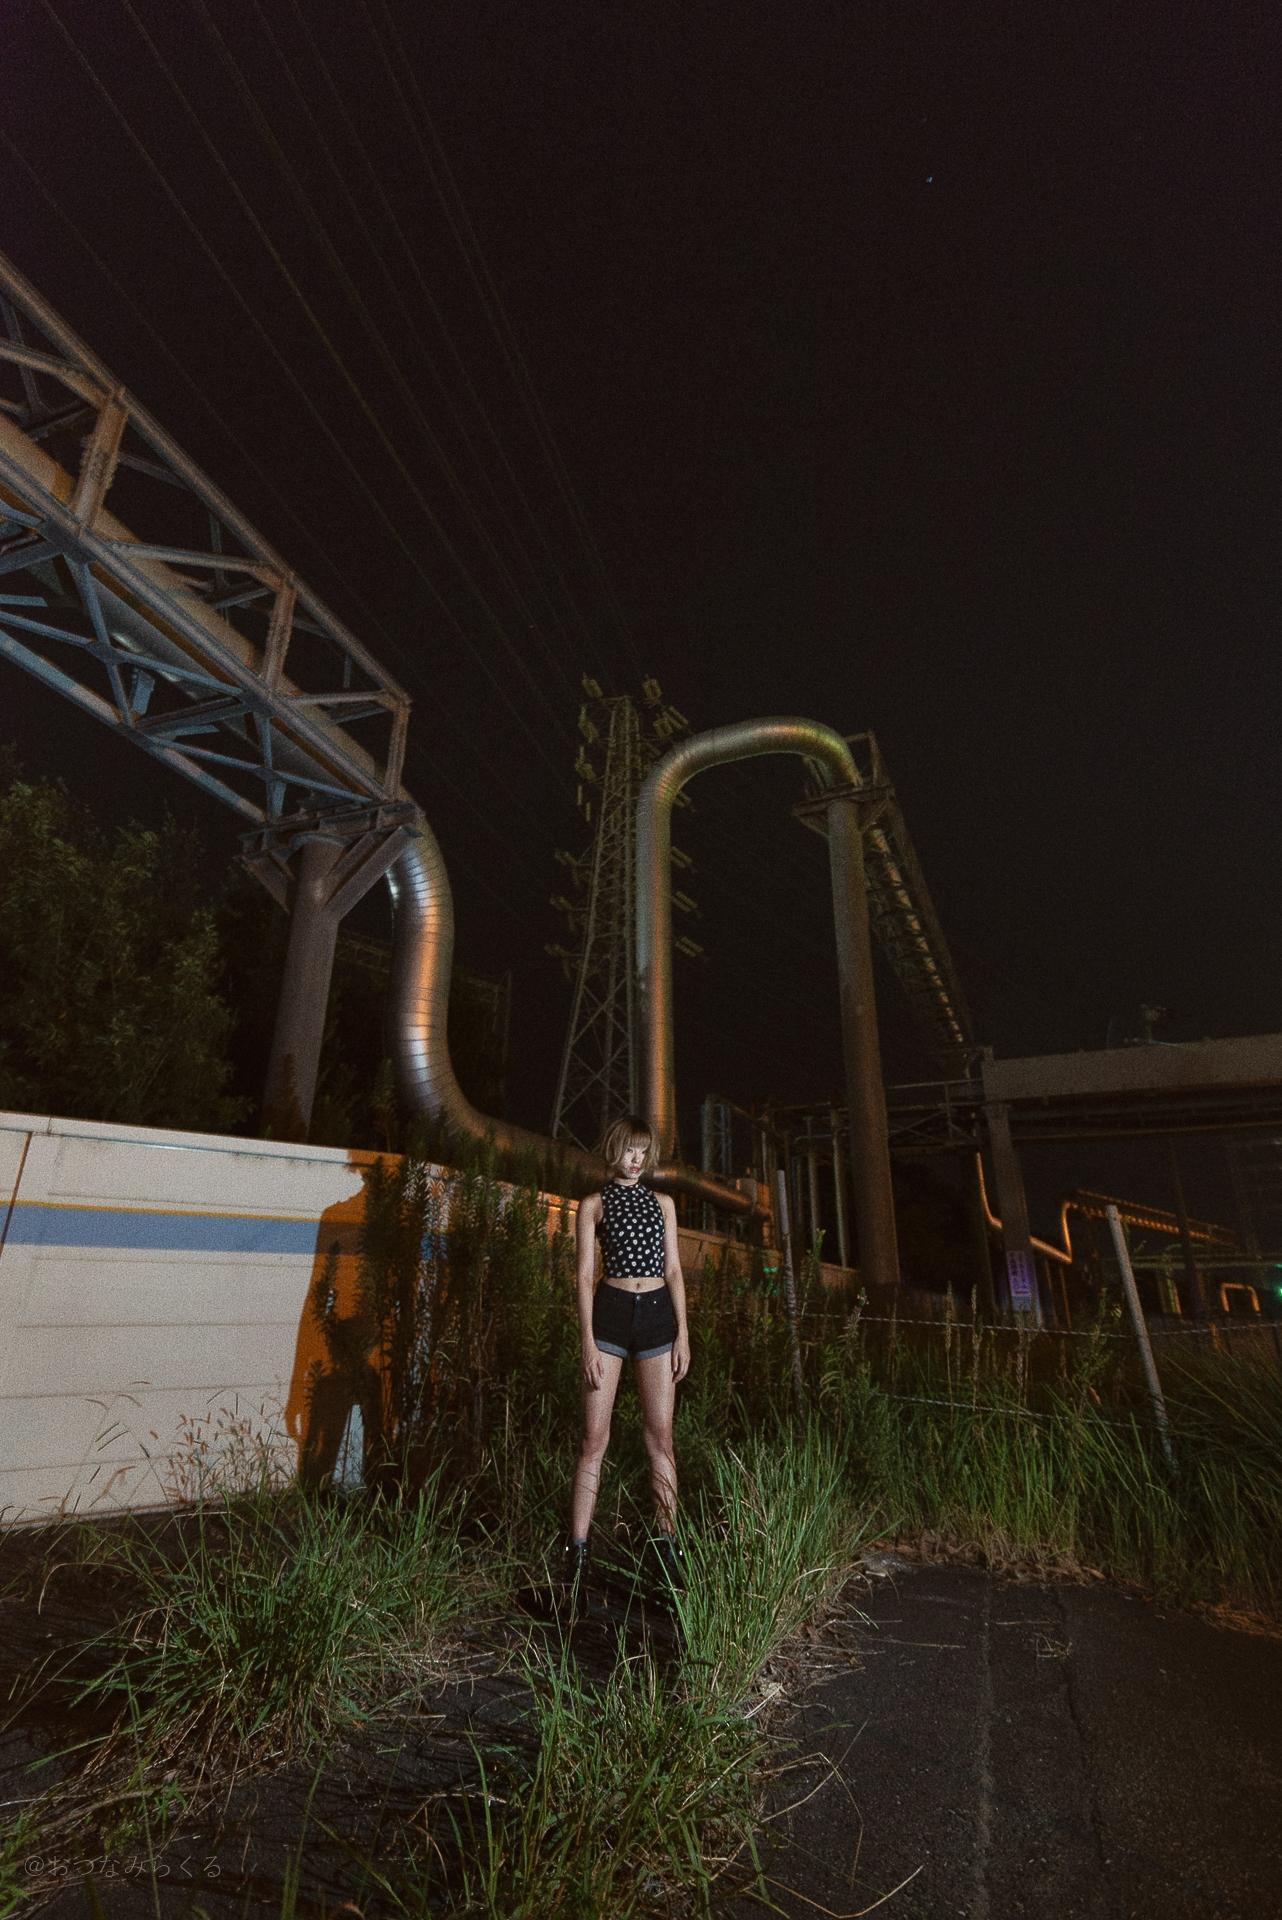 夜景ポートレート 工場夜景 ナイトポートレート